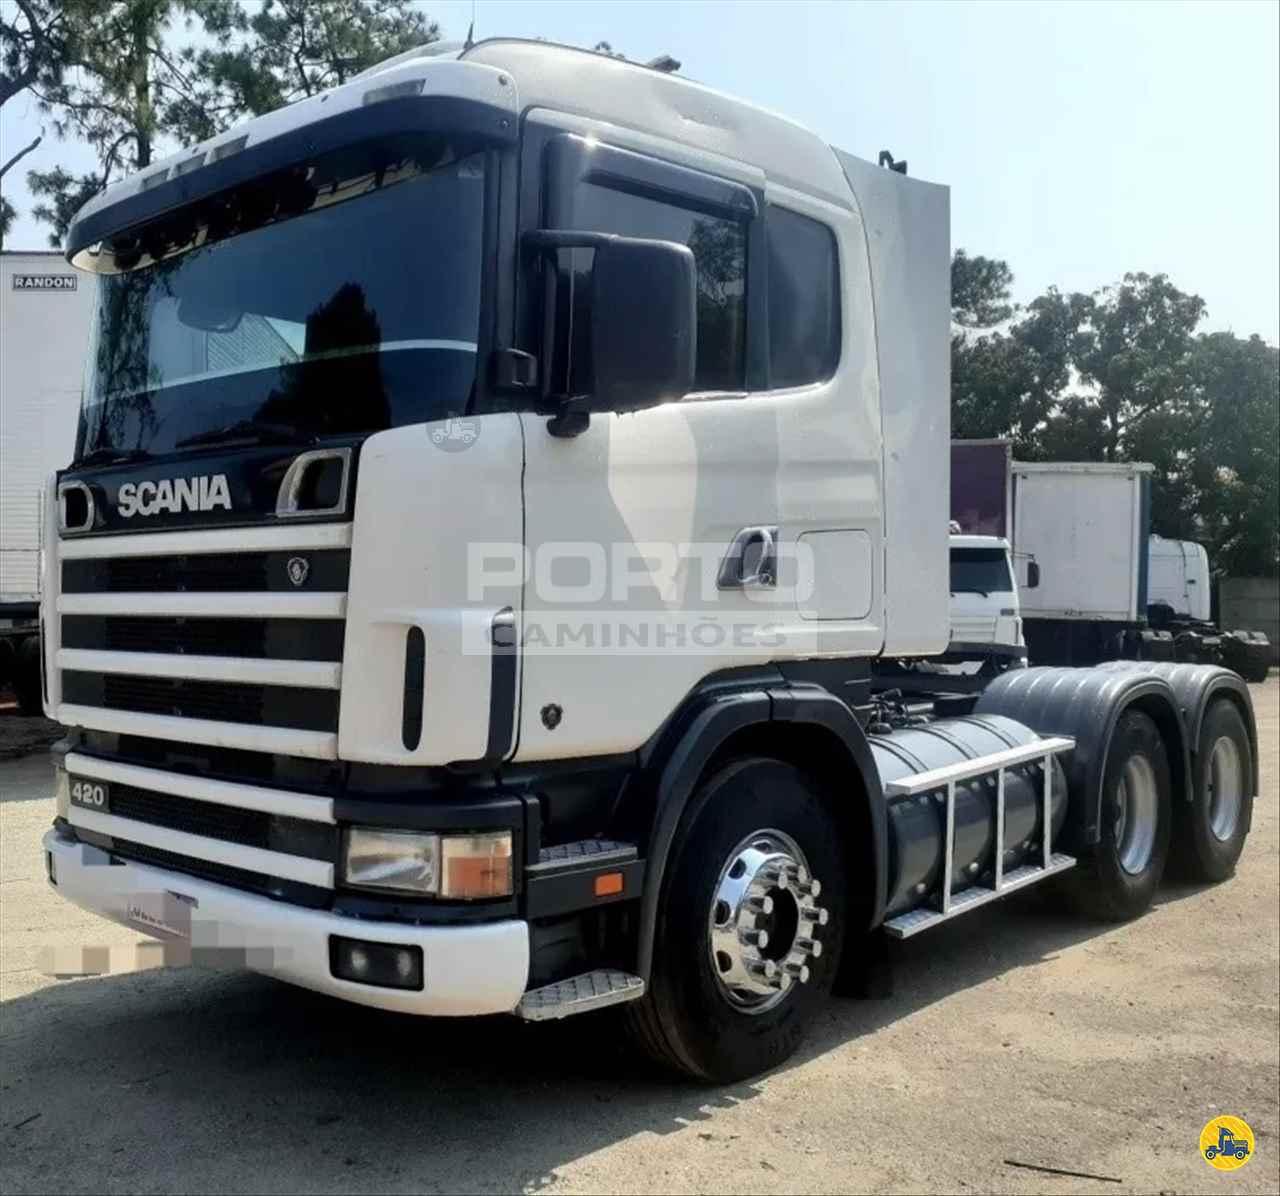 CAMINHAO SCANIA SCANIA 124 420 Cavalo Mecânico Truck 6x2 Porto Caminhões GUARULHOS SÃO PAULO SP